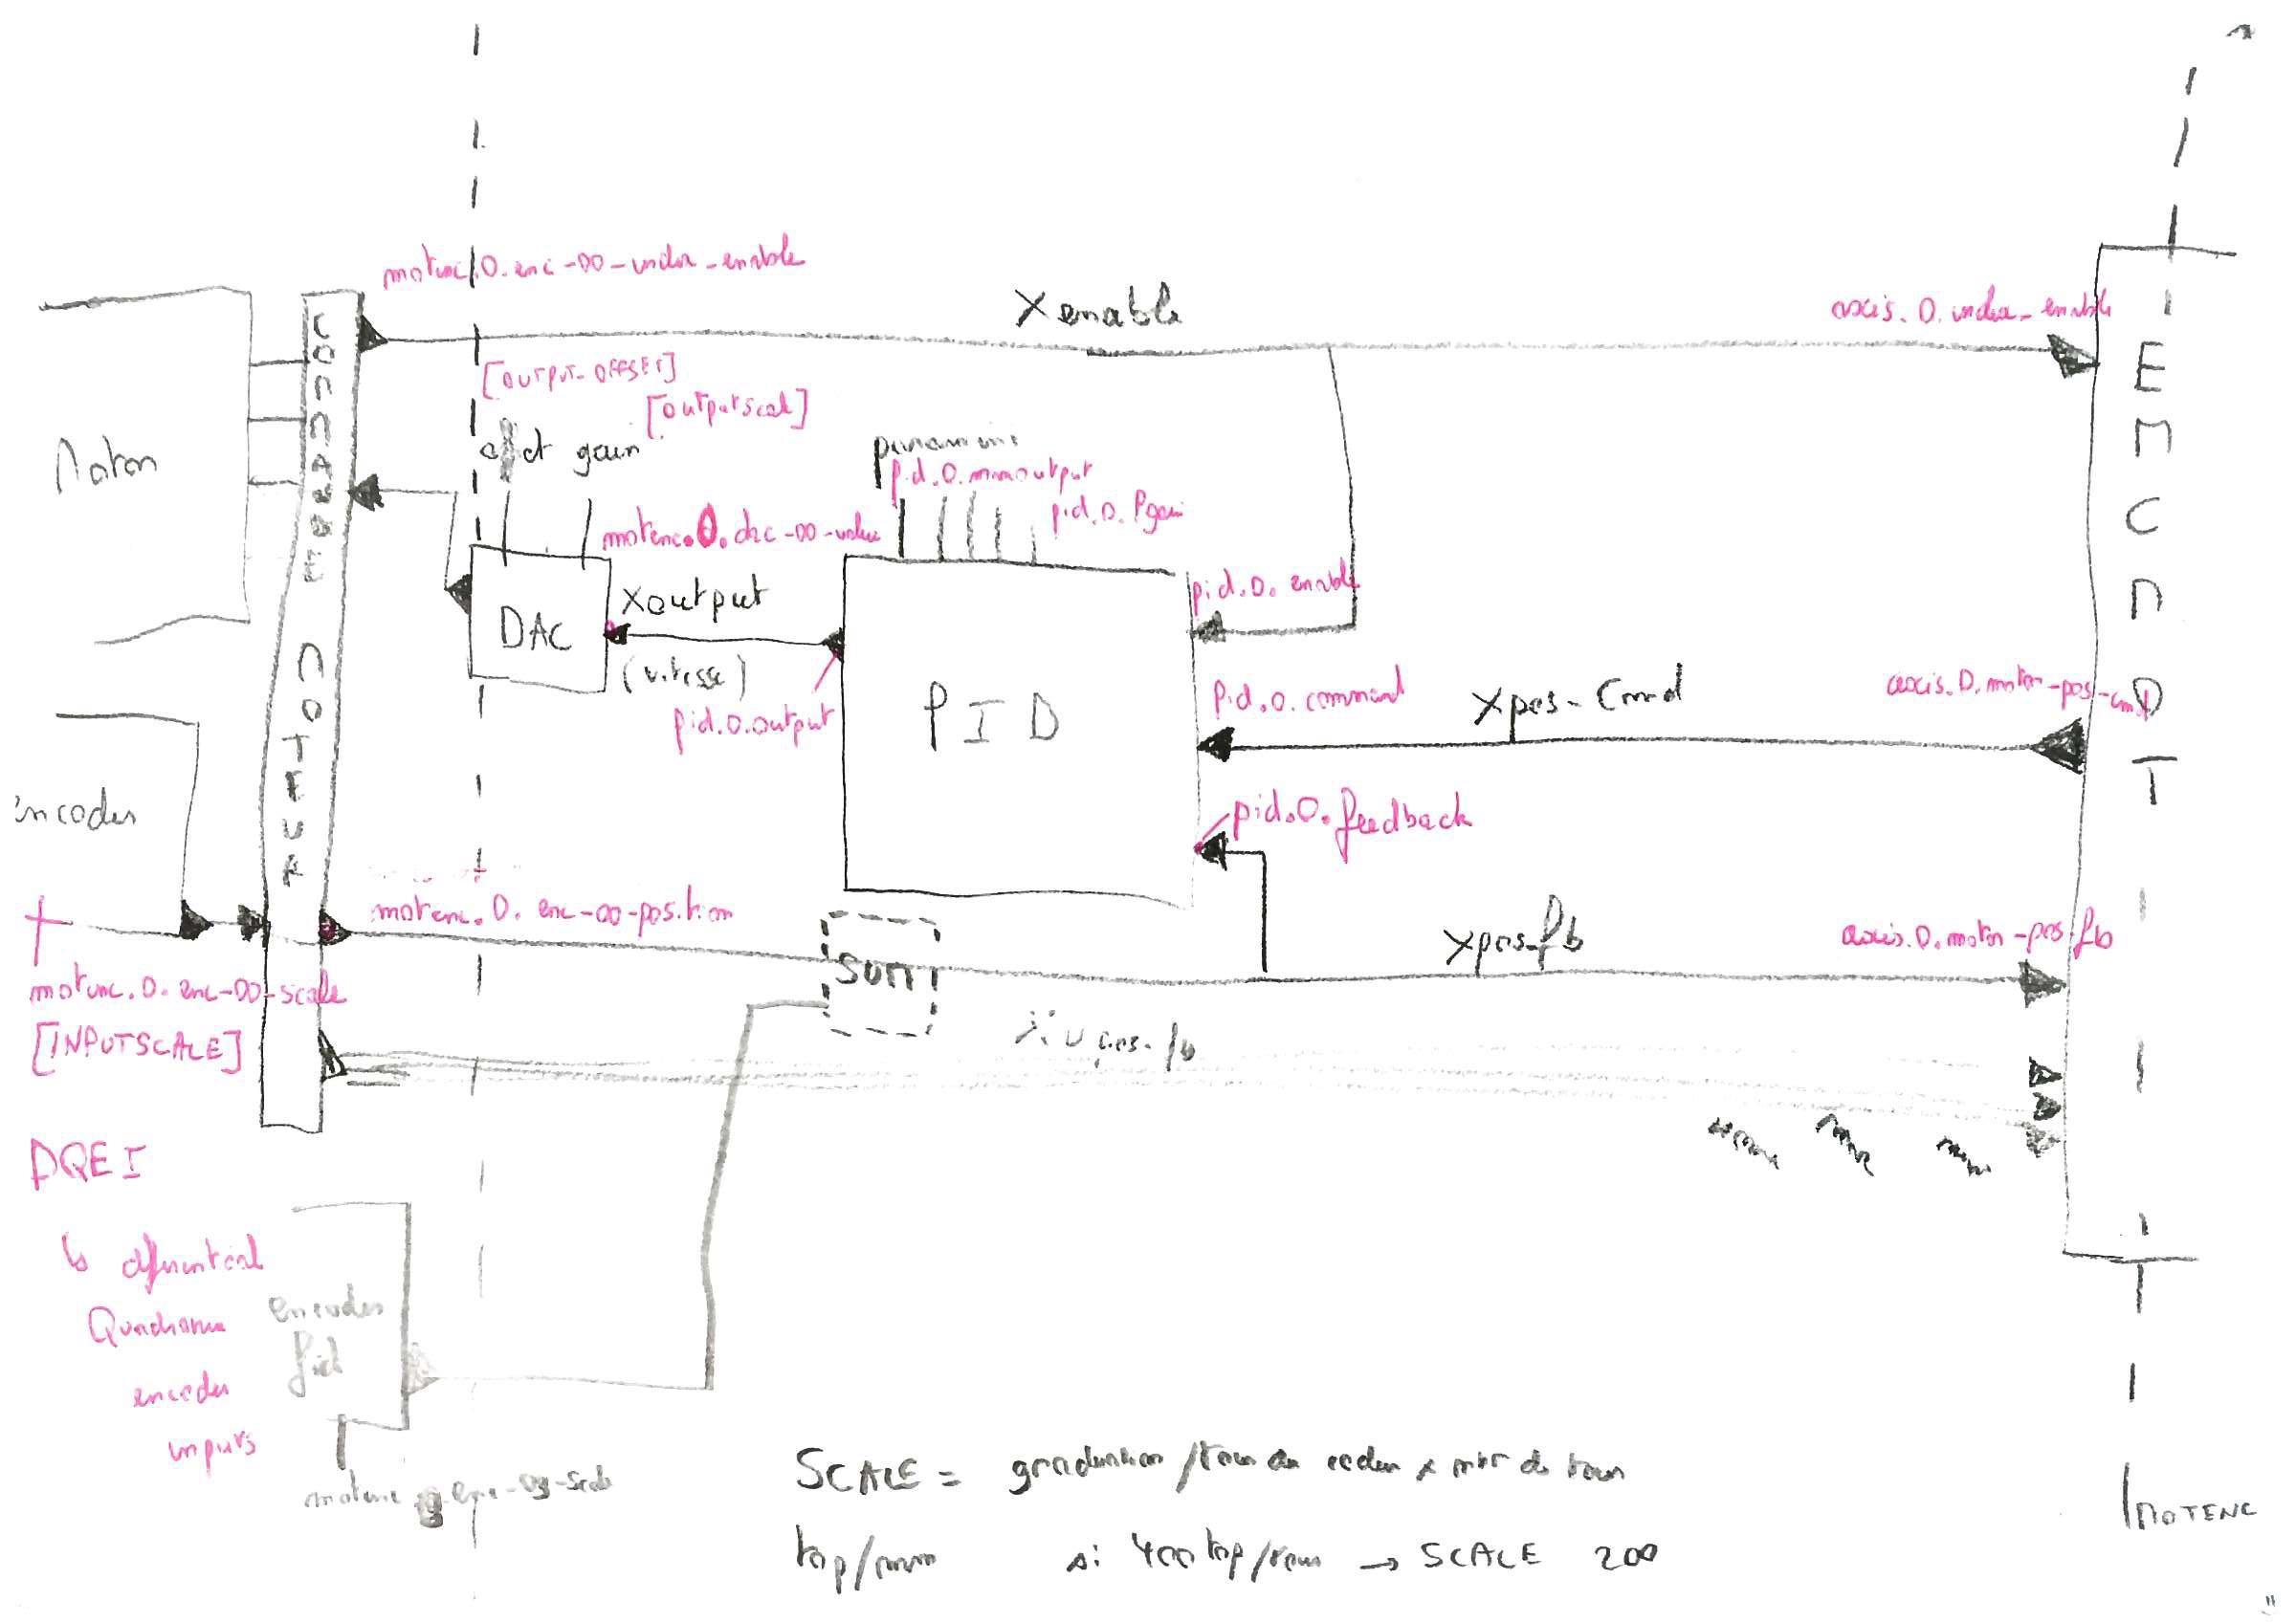 DocumentScannable.jpg